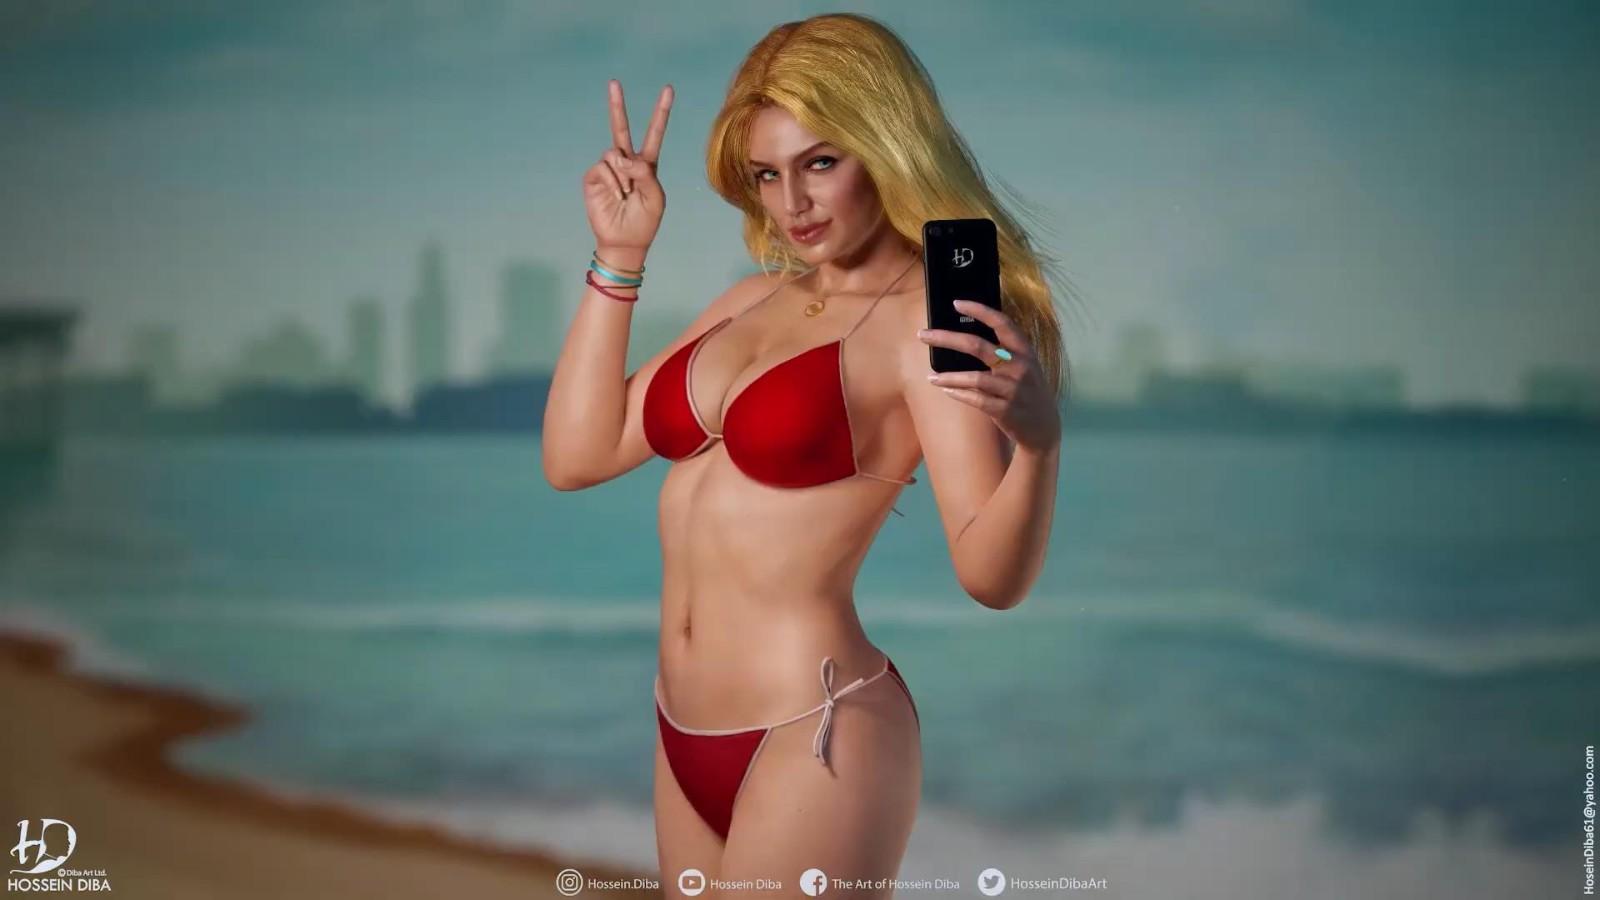 《侠盗猎车5》封面女郎3D模型 比基尼美女性感自拍